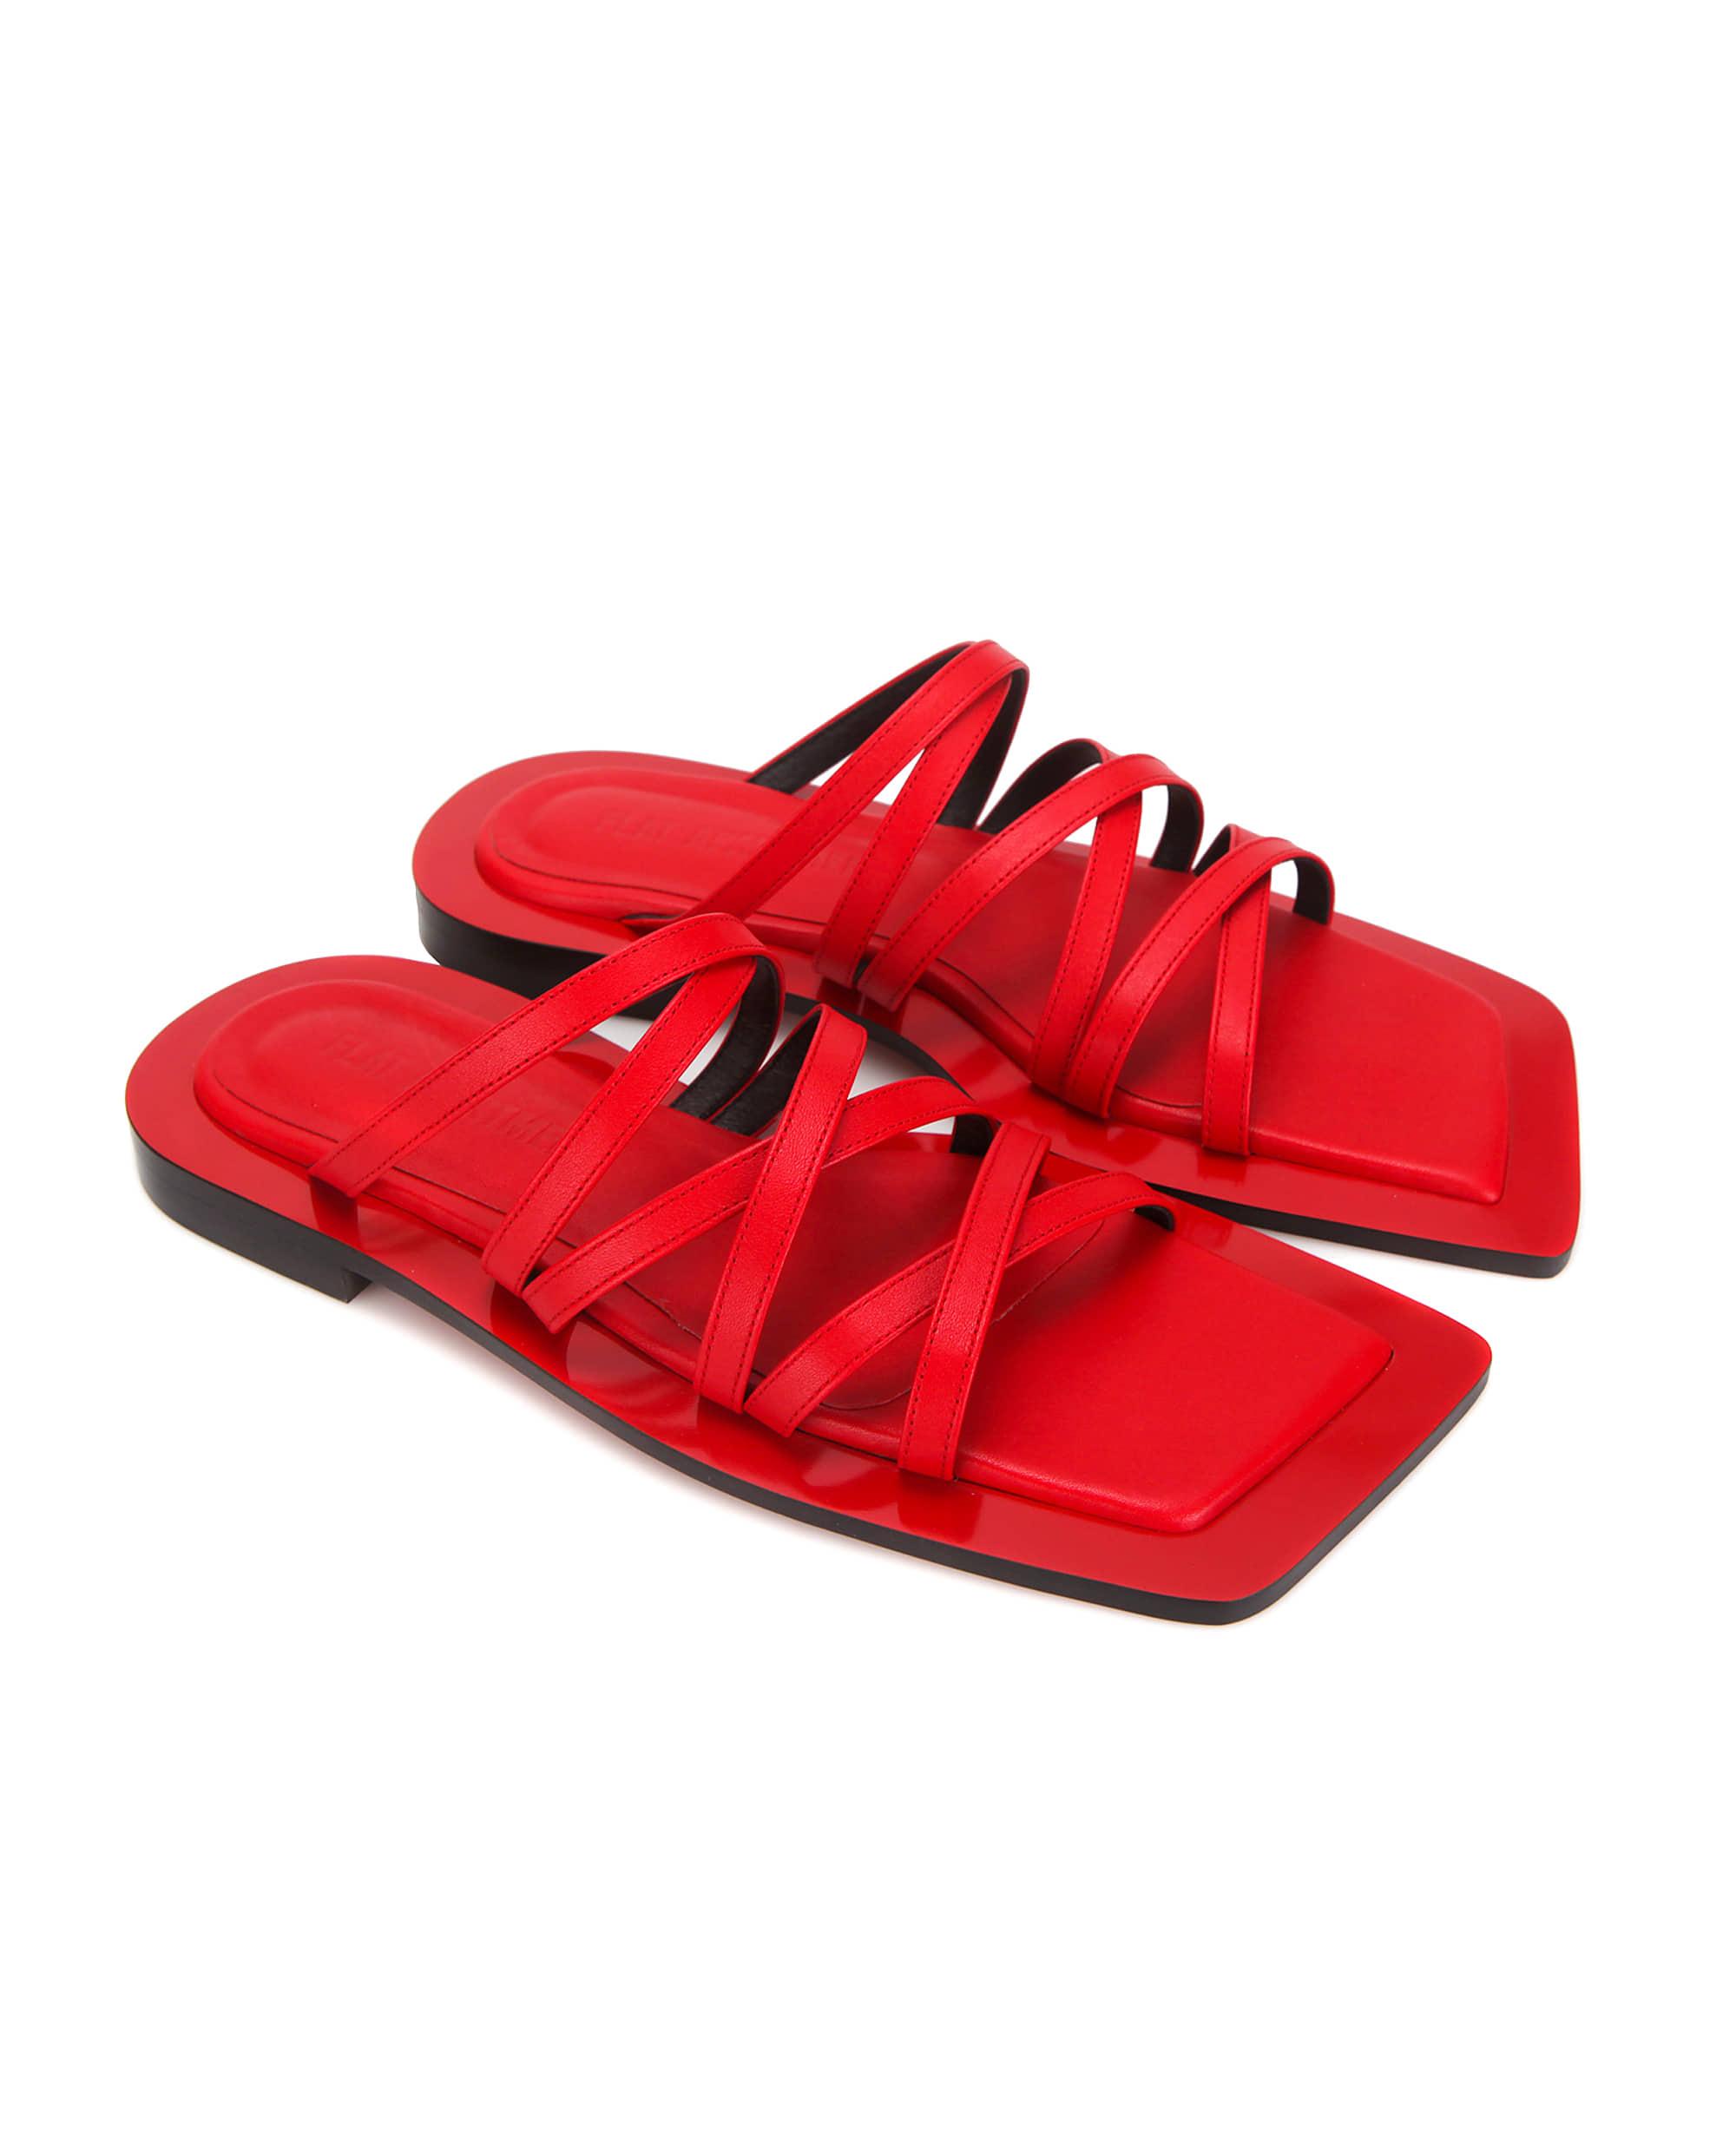 플랫아파트먼트, 플랫아파트먼트 신발, 플랫아파트먼트 슈즈, 스퀘어토, 사각코, 스퀘어 토 샌들, 스트래피 샌들, 스트랩 샌들, 사각코슈즈, 샌들, 여름 샌들, strappy sandals, square toe sandal, square toe shoes, summer shoes, summer sandals, square toe strappy sandal, flatapartment, flat apartment, flat apartment shoes, flatapartment shoes, strappy platforms, square toe platforms, square toe shoes, criss cross strappy shoes, strappy platforms, square toe platforms, shoes, Seoul fashion, K fashion, platform shoes, platforms